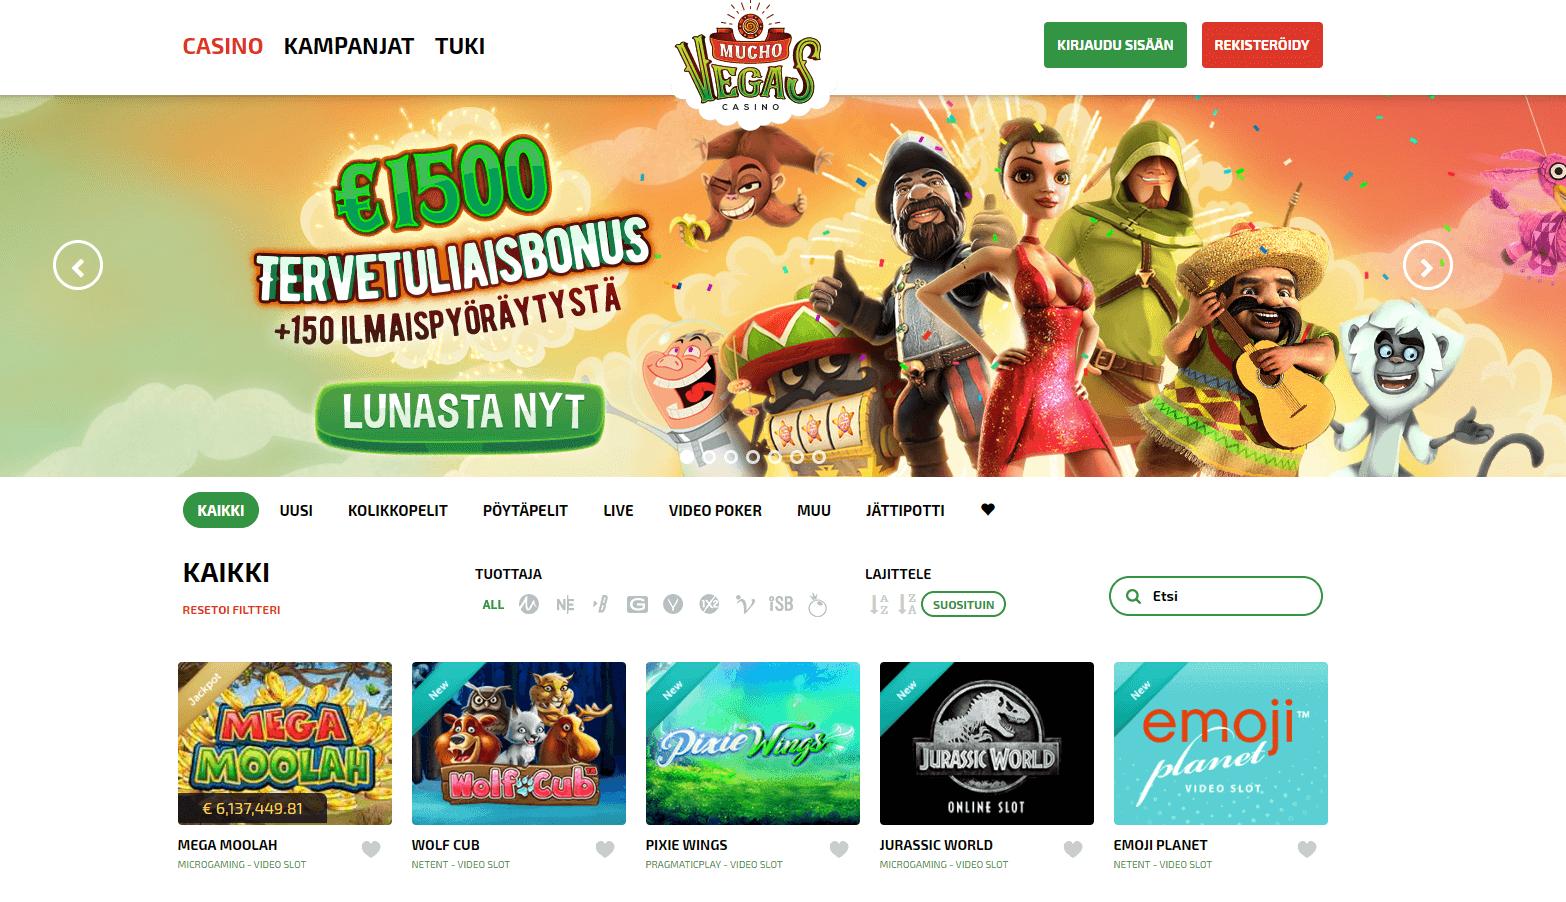 Uusi kasino - 75478